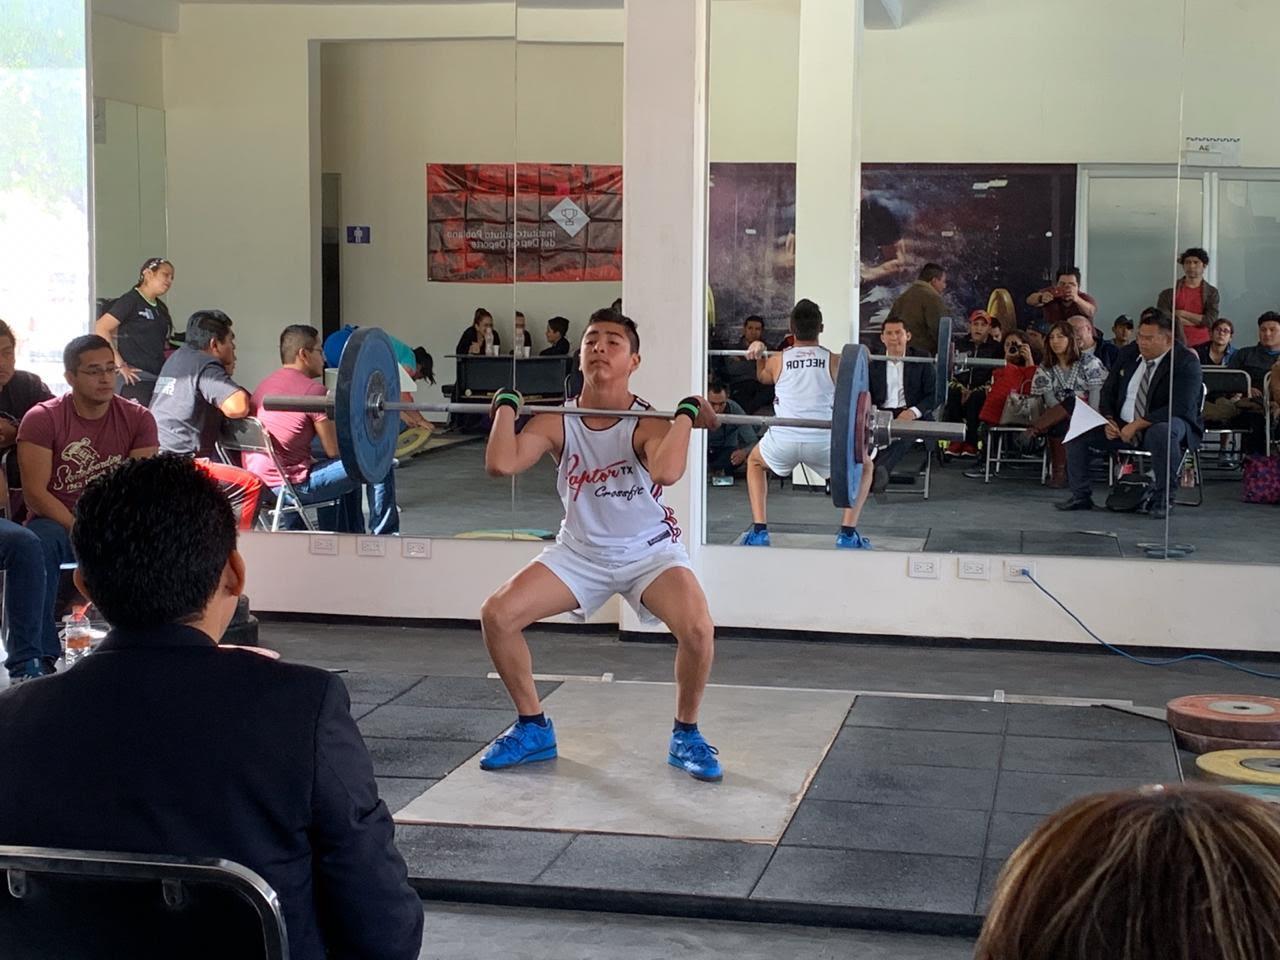 Representaran A Puebla 18 Atletas En Regional En Levantamiento De Pesas Si eres un apasionado de los deportes, aquí encontrarás las mejores risas con fotos, memes, vídeos, gifs, recopilatorios. puebla 18 atletas en regional